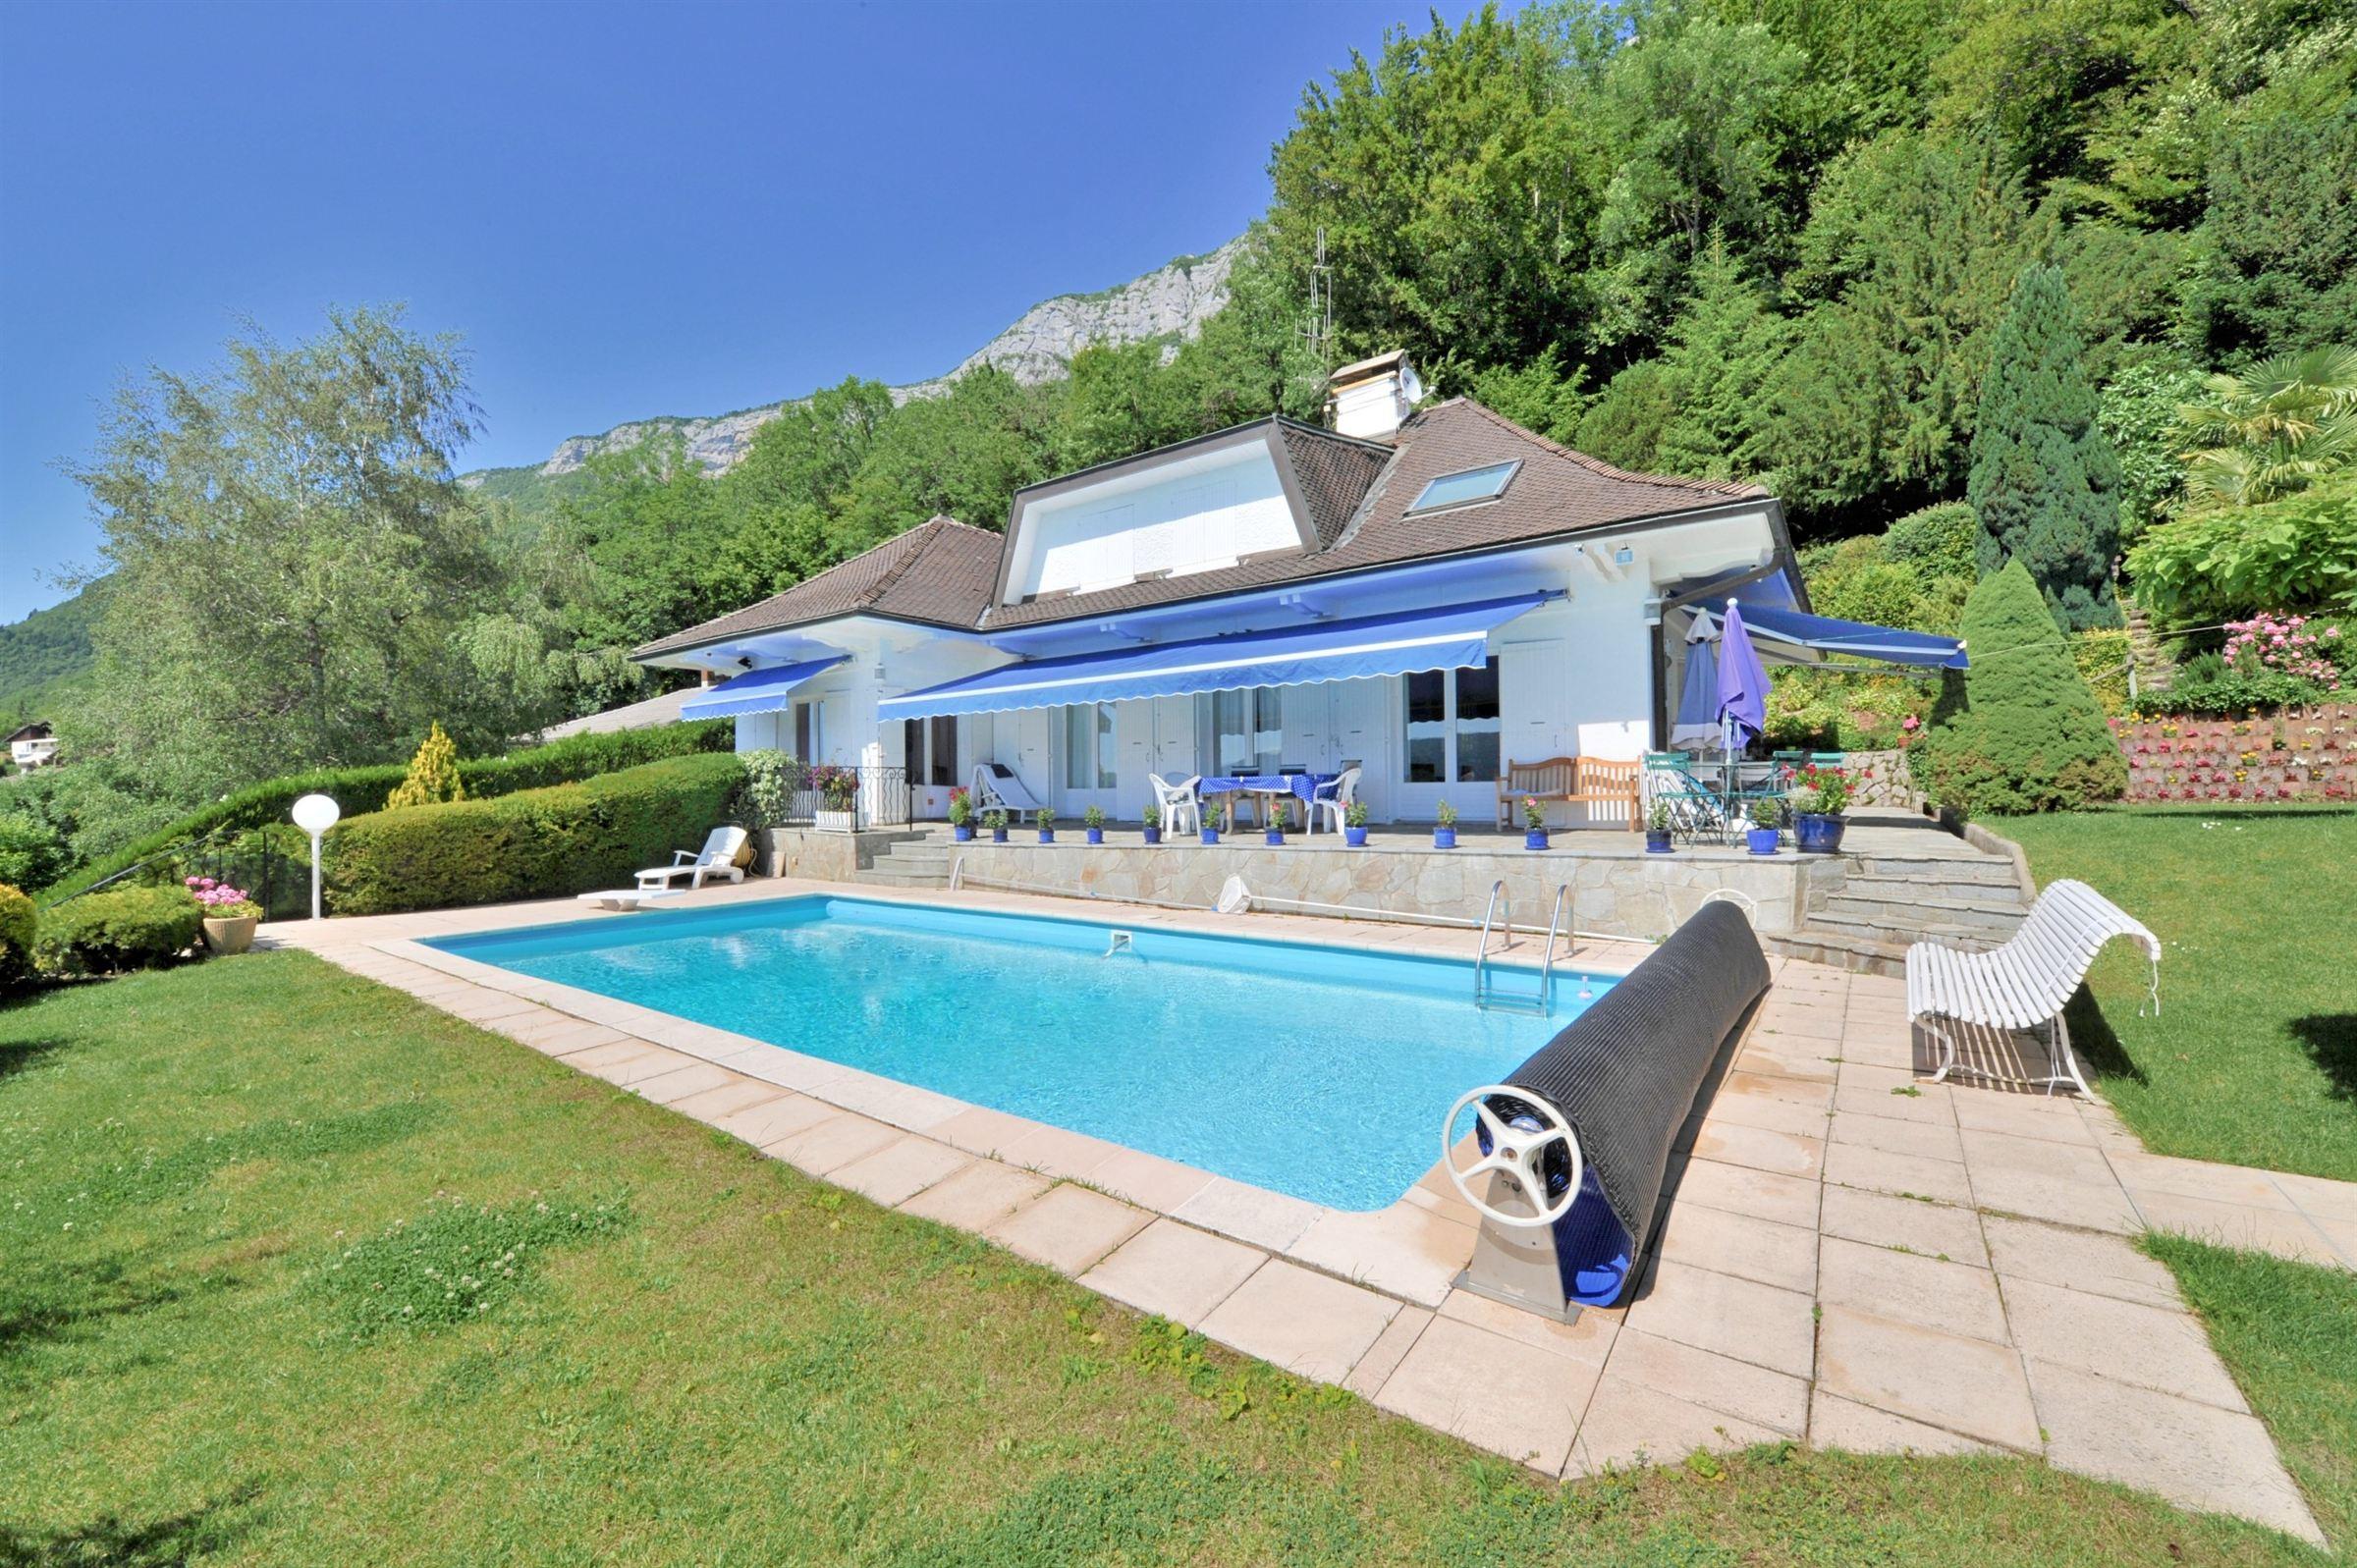 Property For Sale at Magnifique propriété rive est du lac d'Annecy